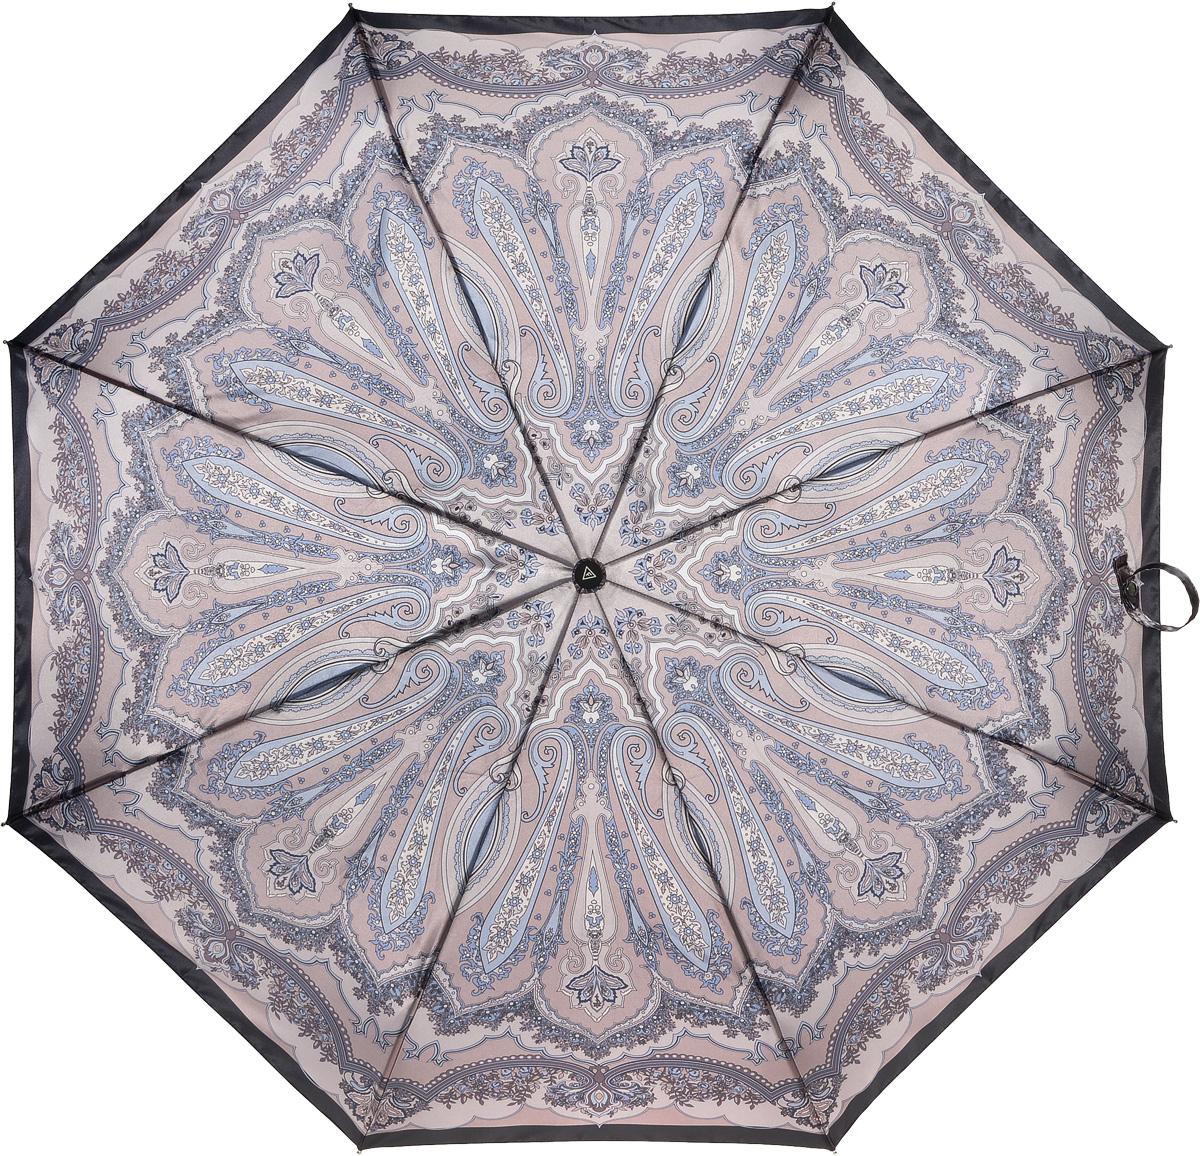 Зонт женский Fabretti, полный автомат, 3 сложения, цвет: мультиколор. S-16101-6S-16101-6Зонт женский Fabretti, суперавтомат, 3 сложения, сатин